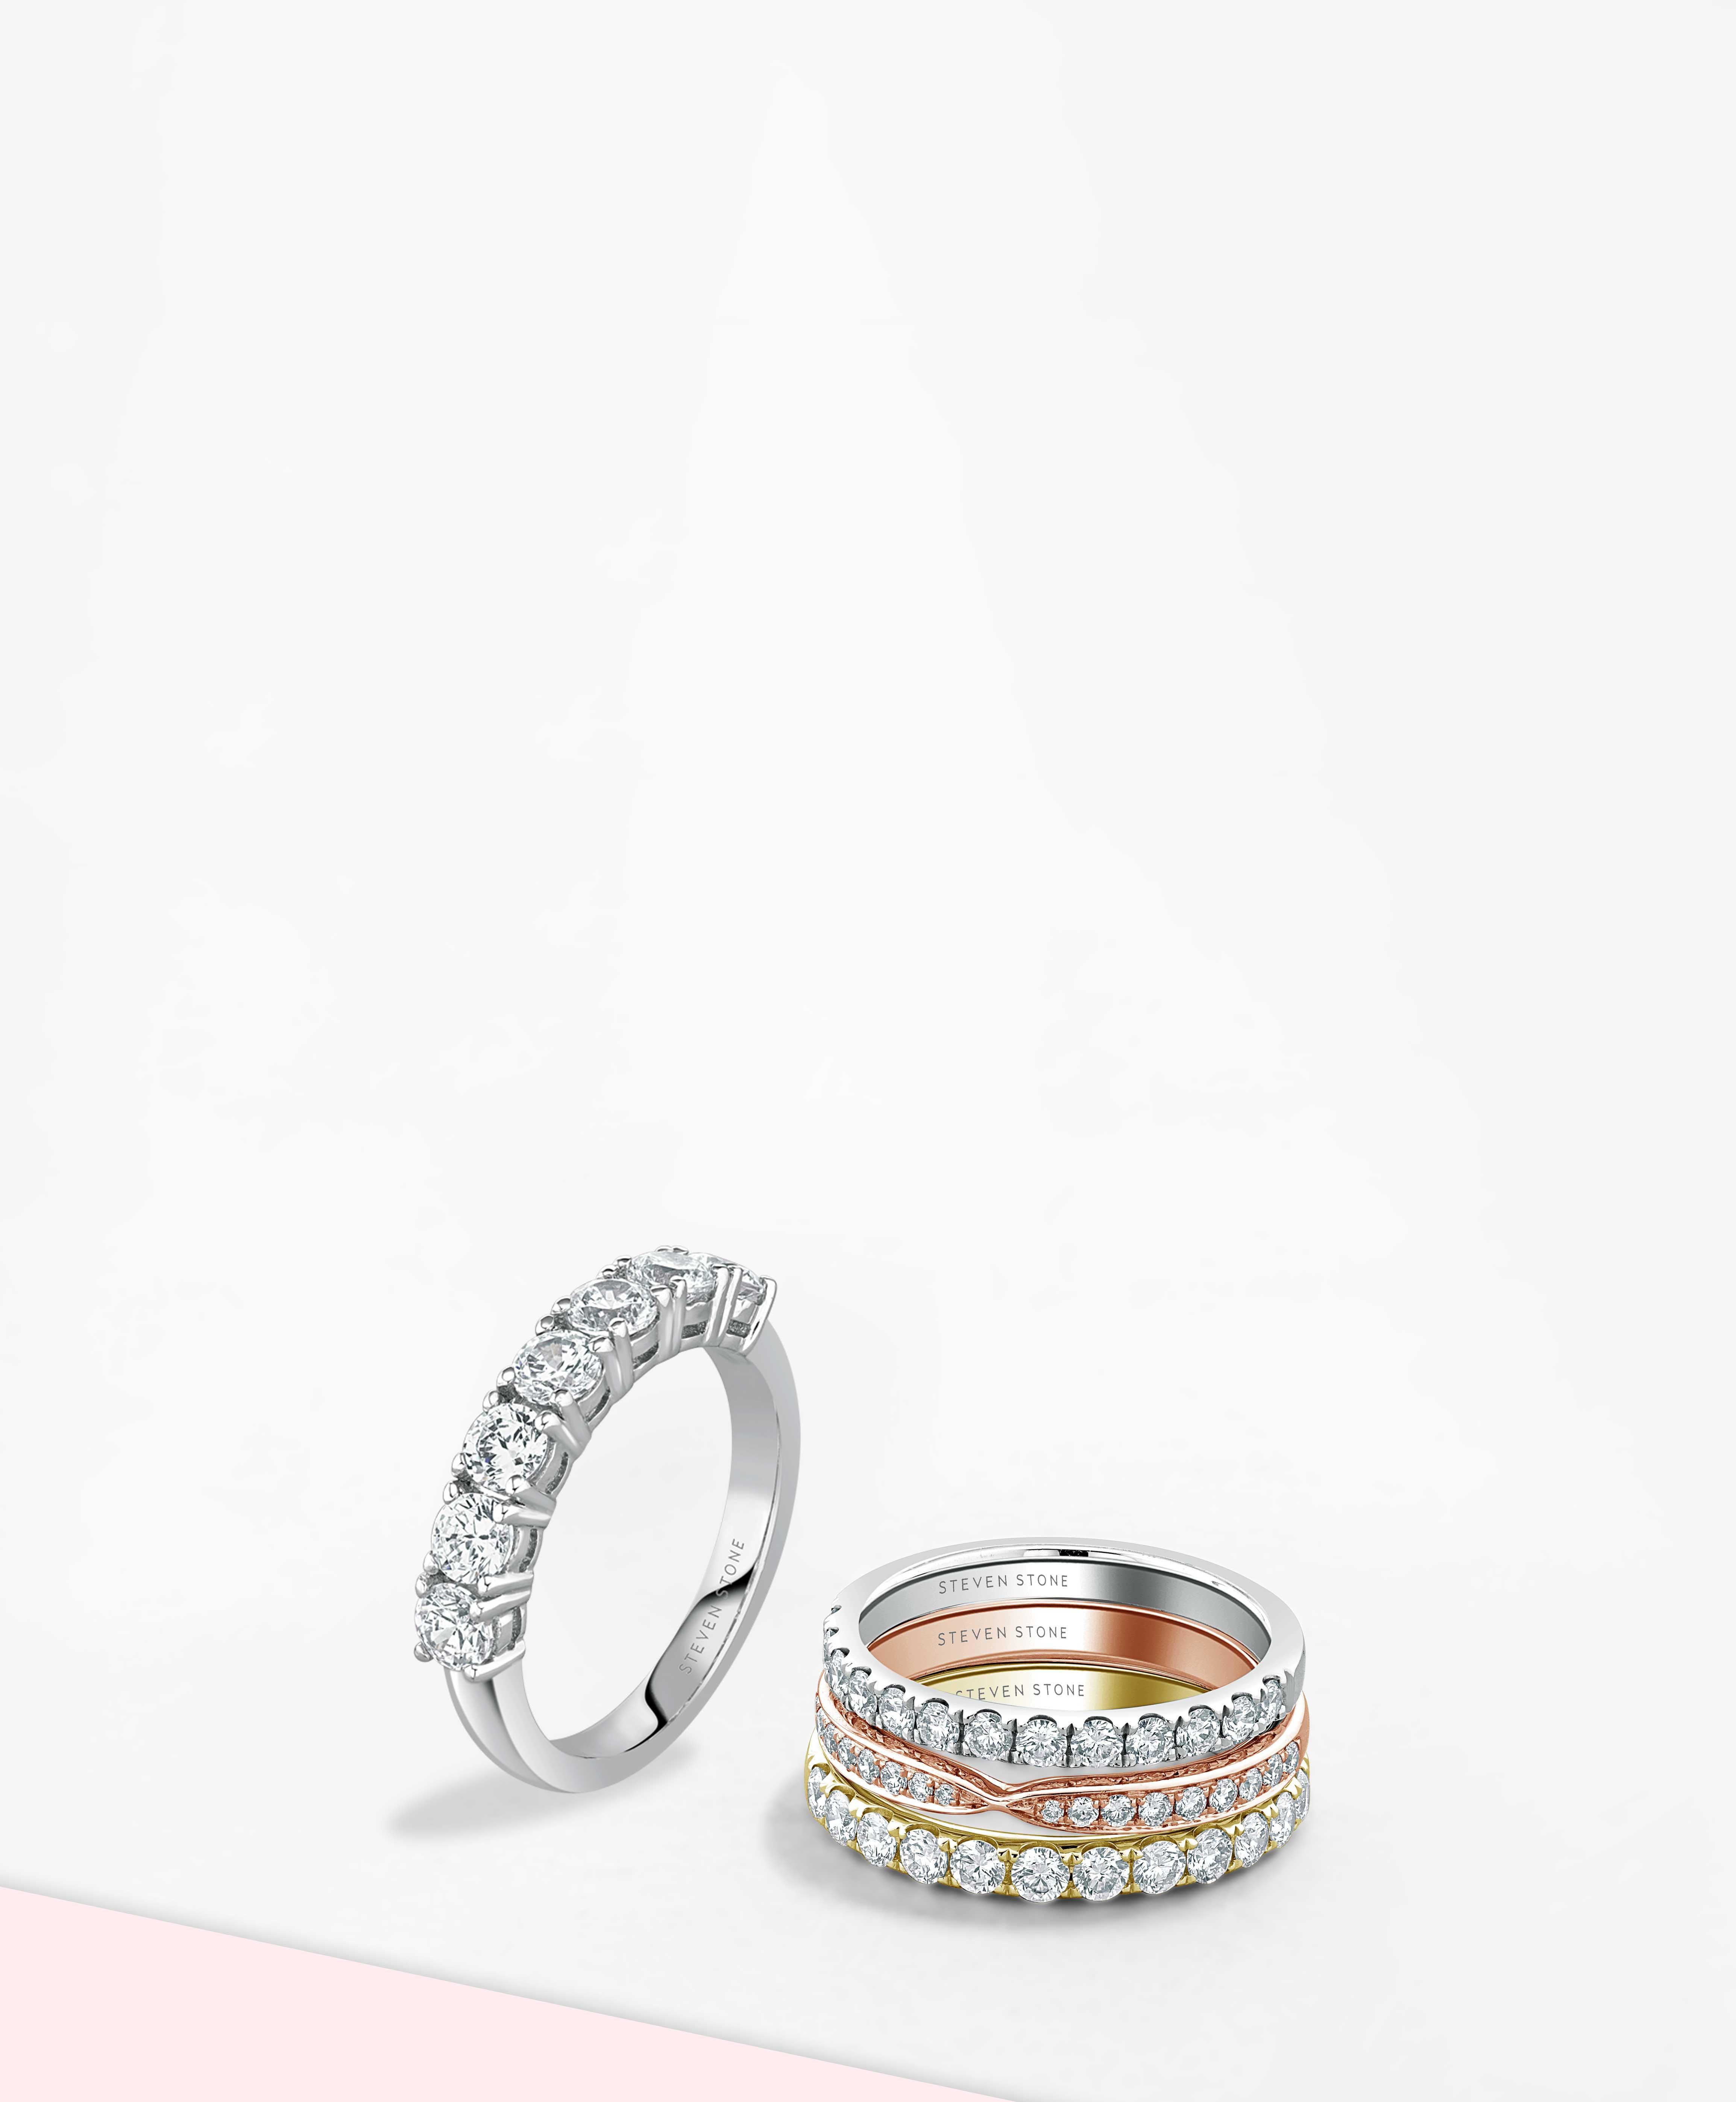 White Gold Full Eternity Rings